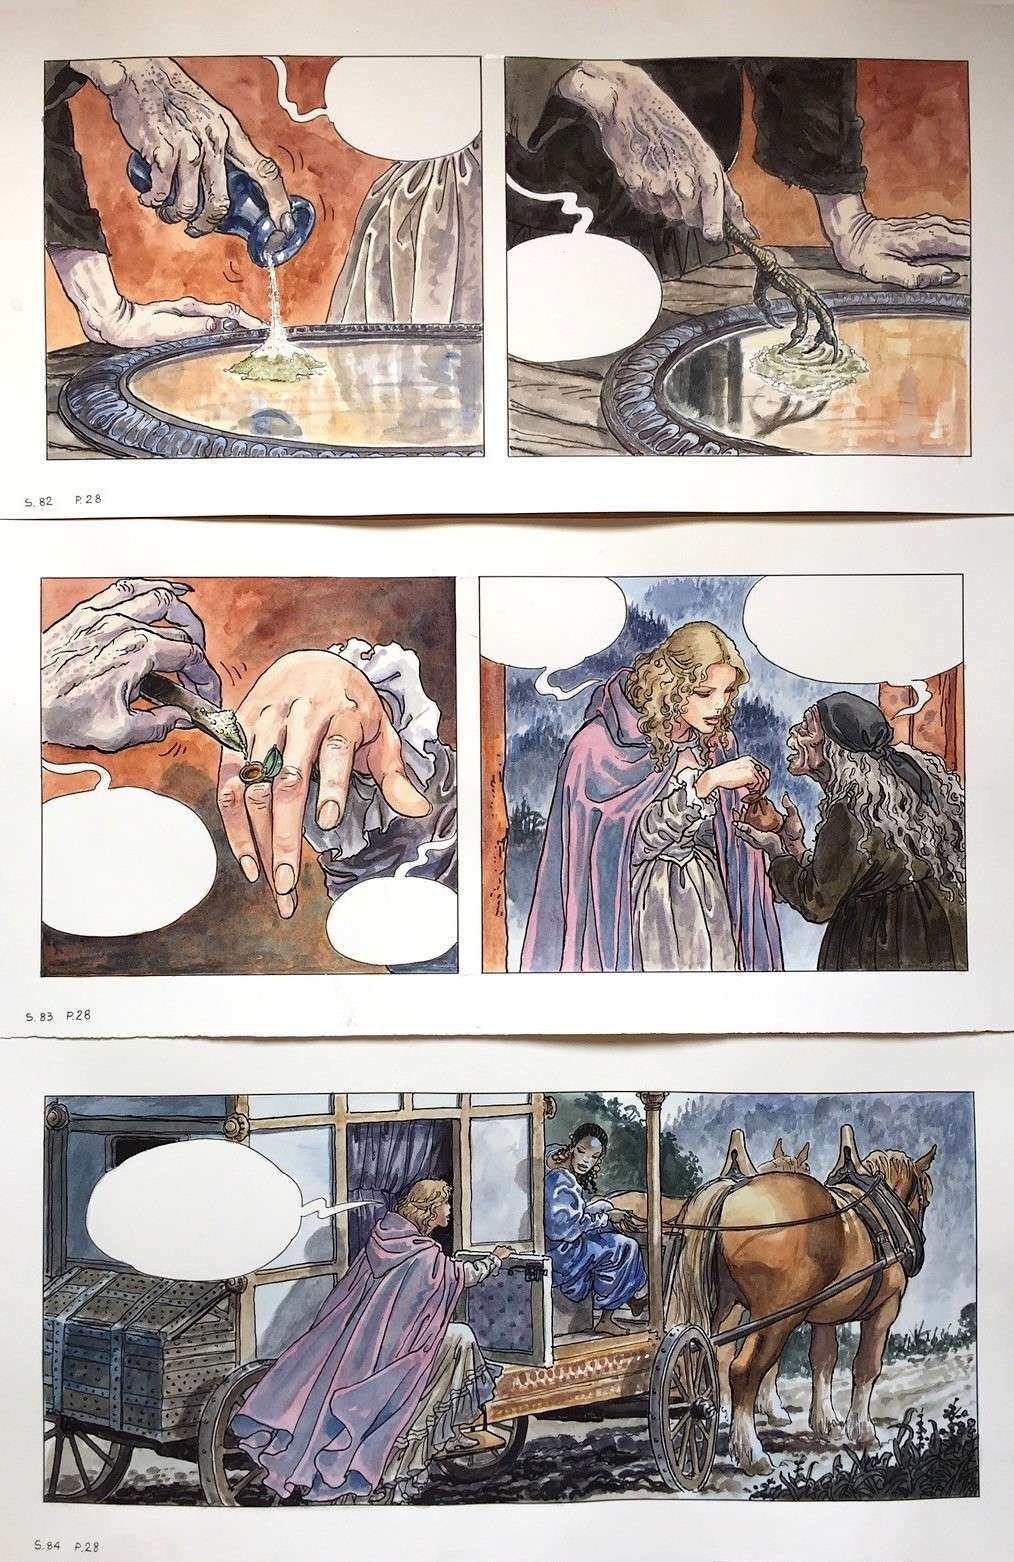 Manara, du côté d'Eros...et d'ailleurs - Page 4 Manara18